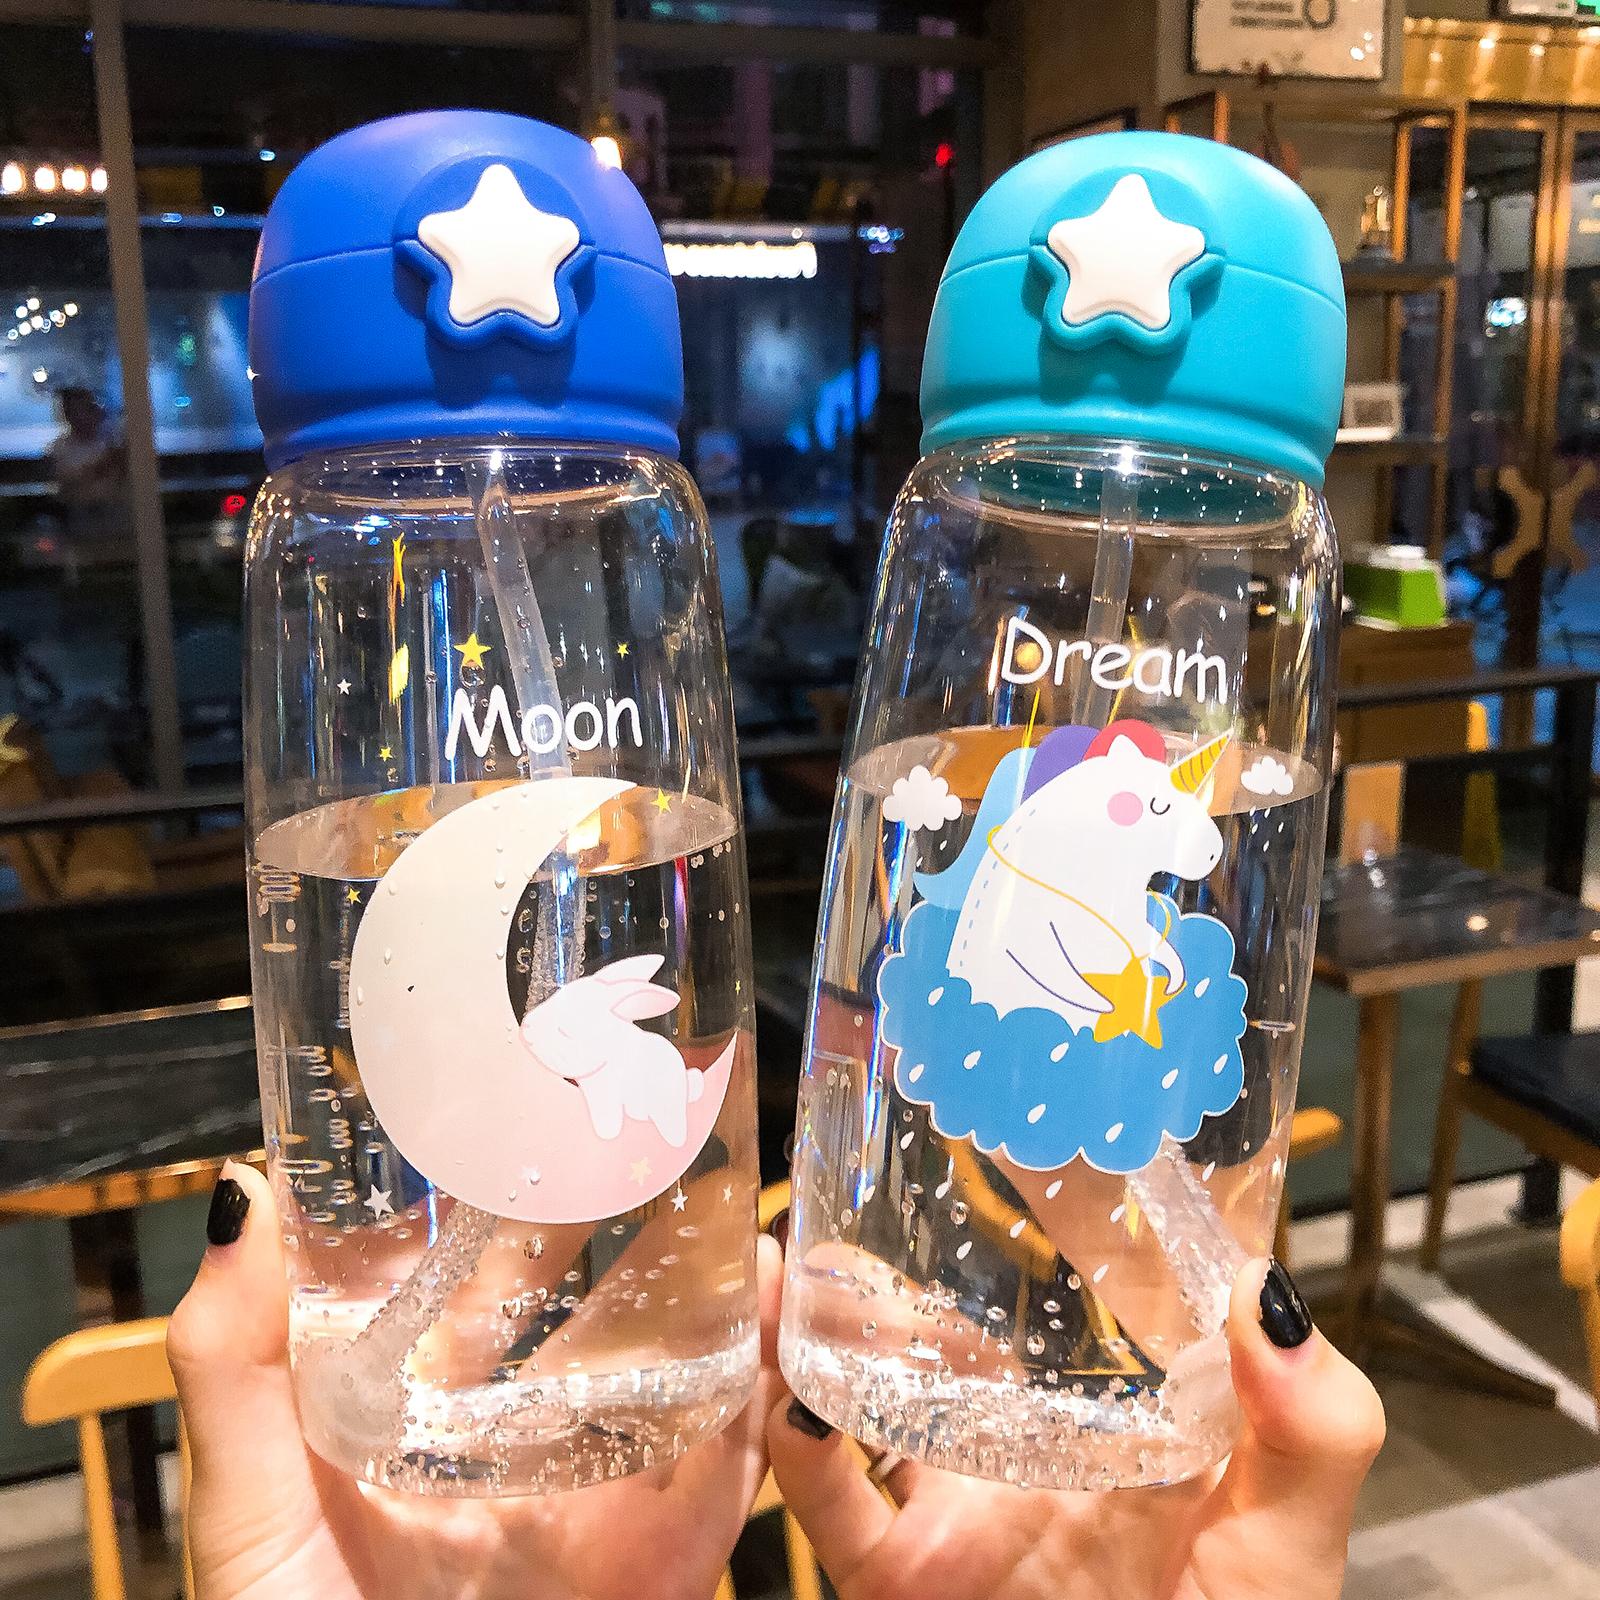 可爱卡通动物大容量塑料杯子儿童小学生夏季弹盖防摔便携吸管水杯